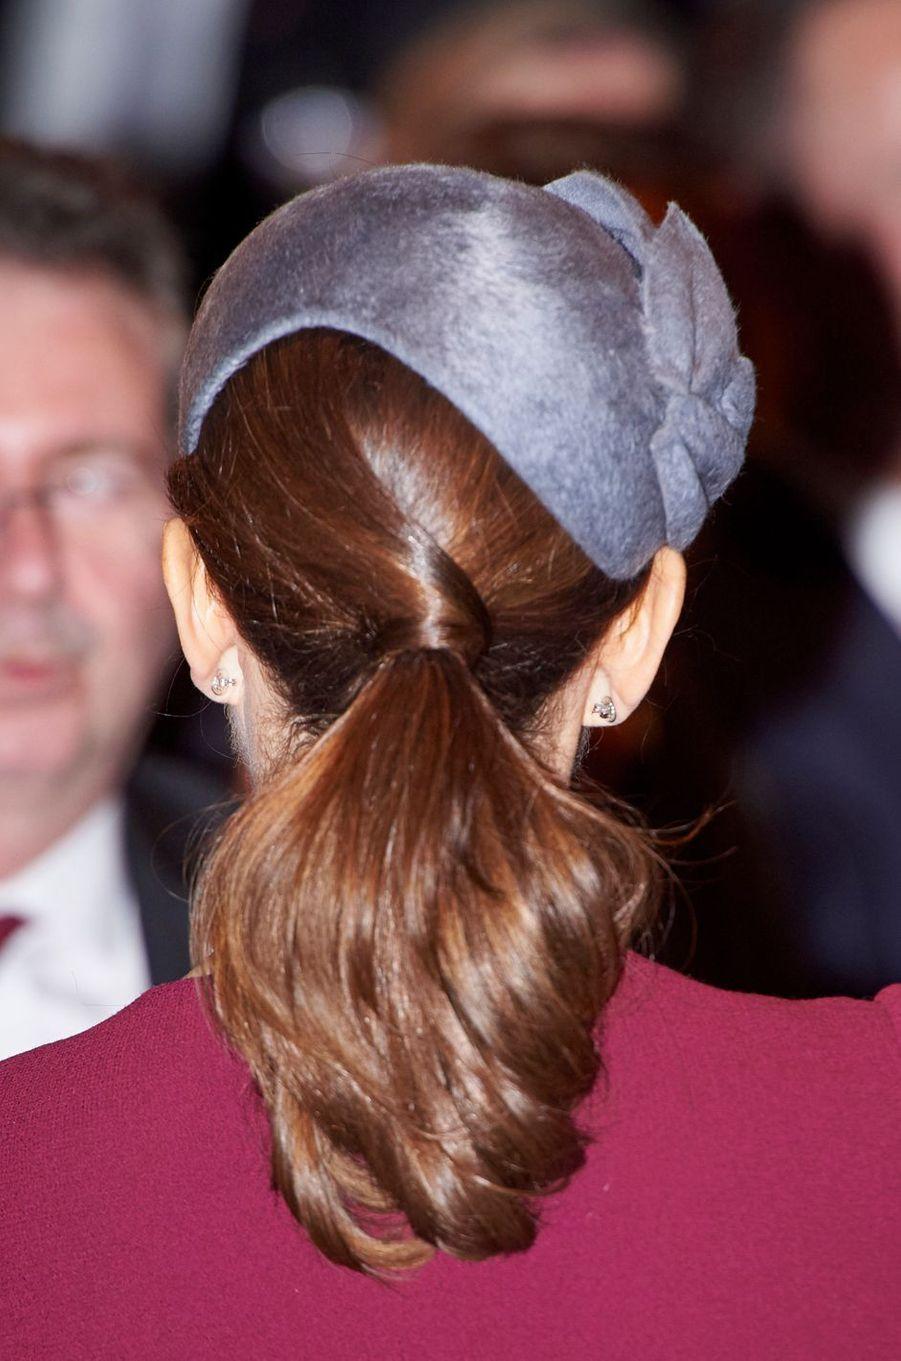 La princesse Mary de Danemark à Copenhague, le 29 mars 2017